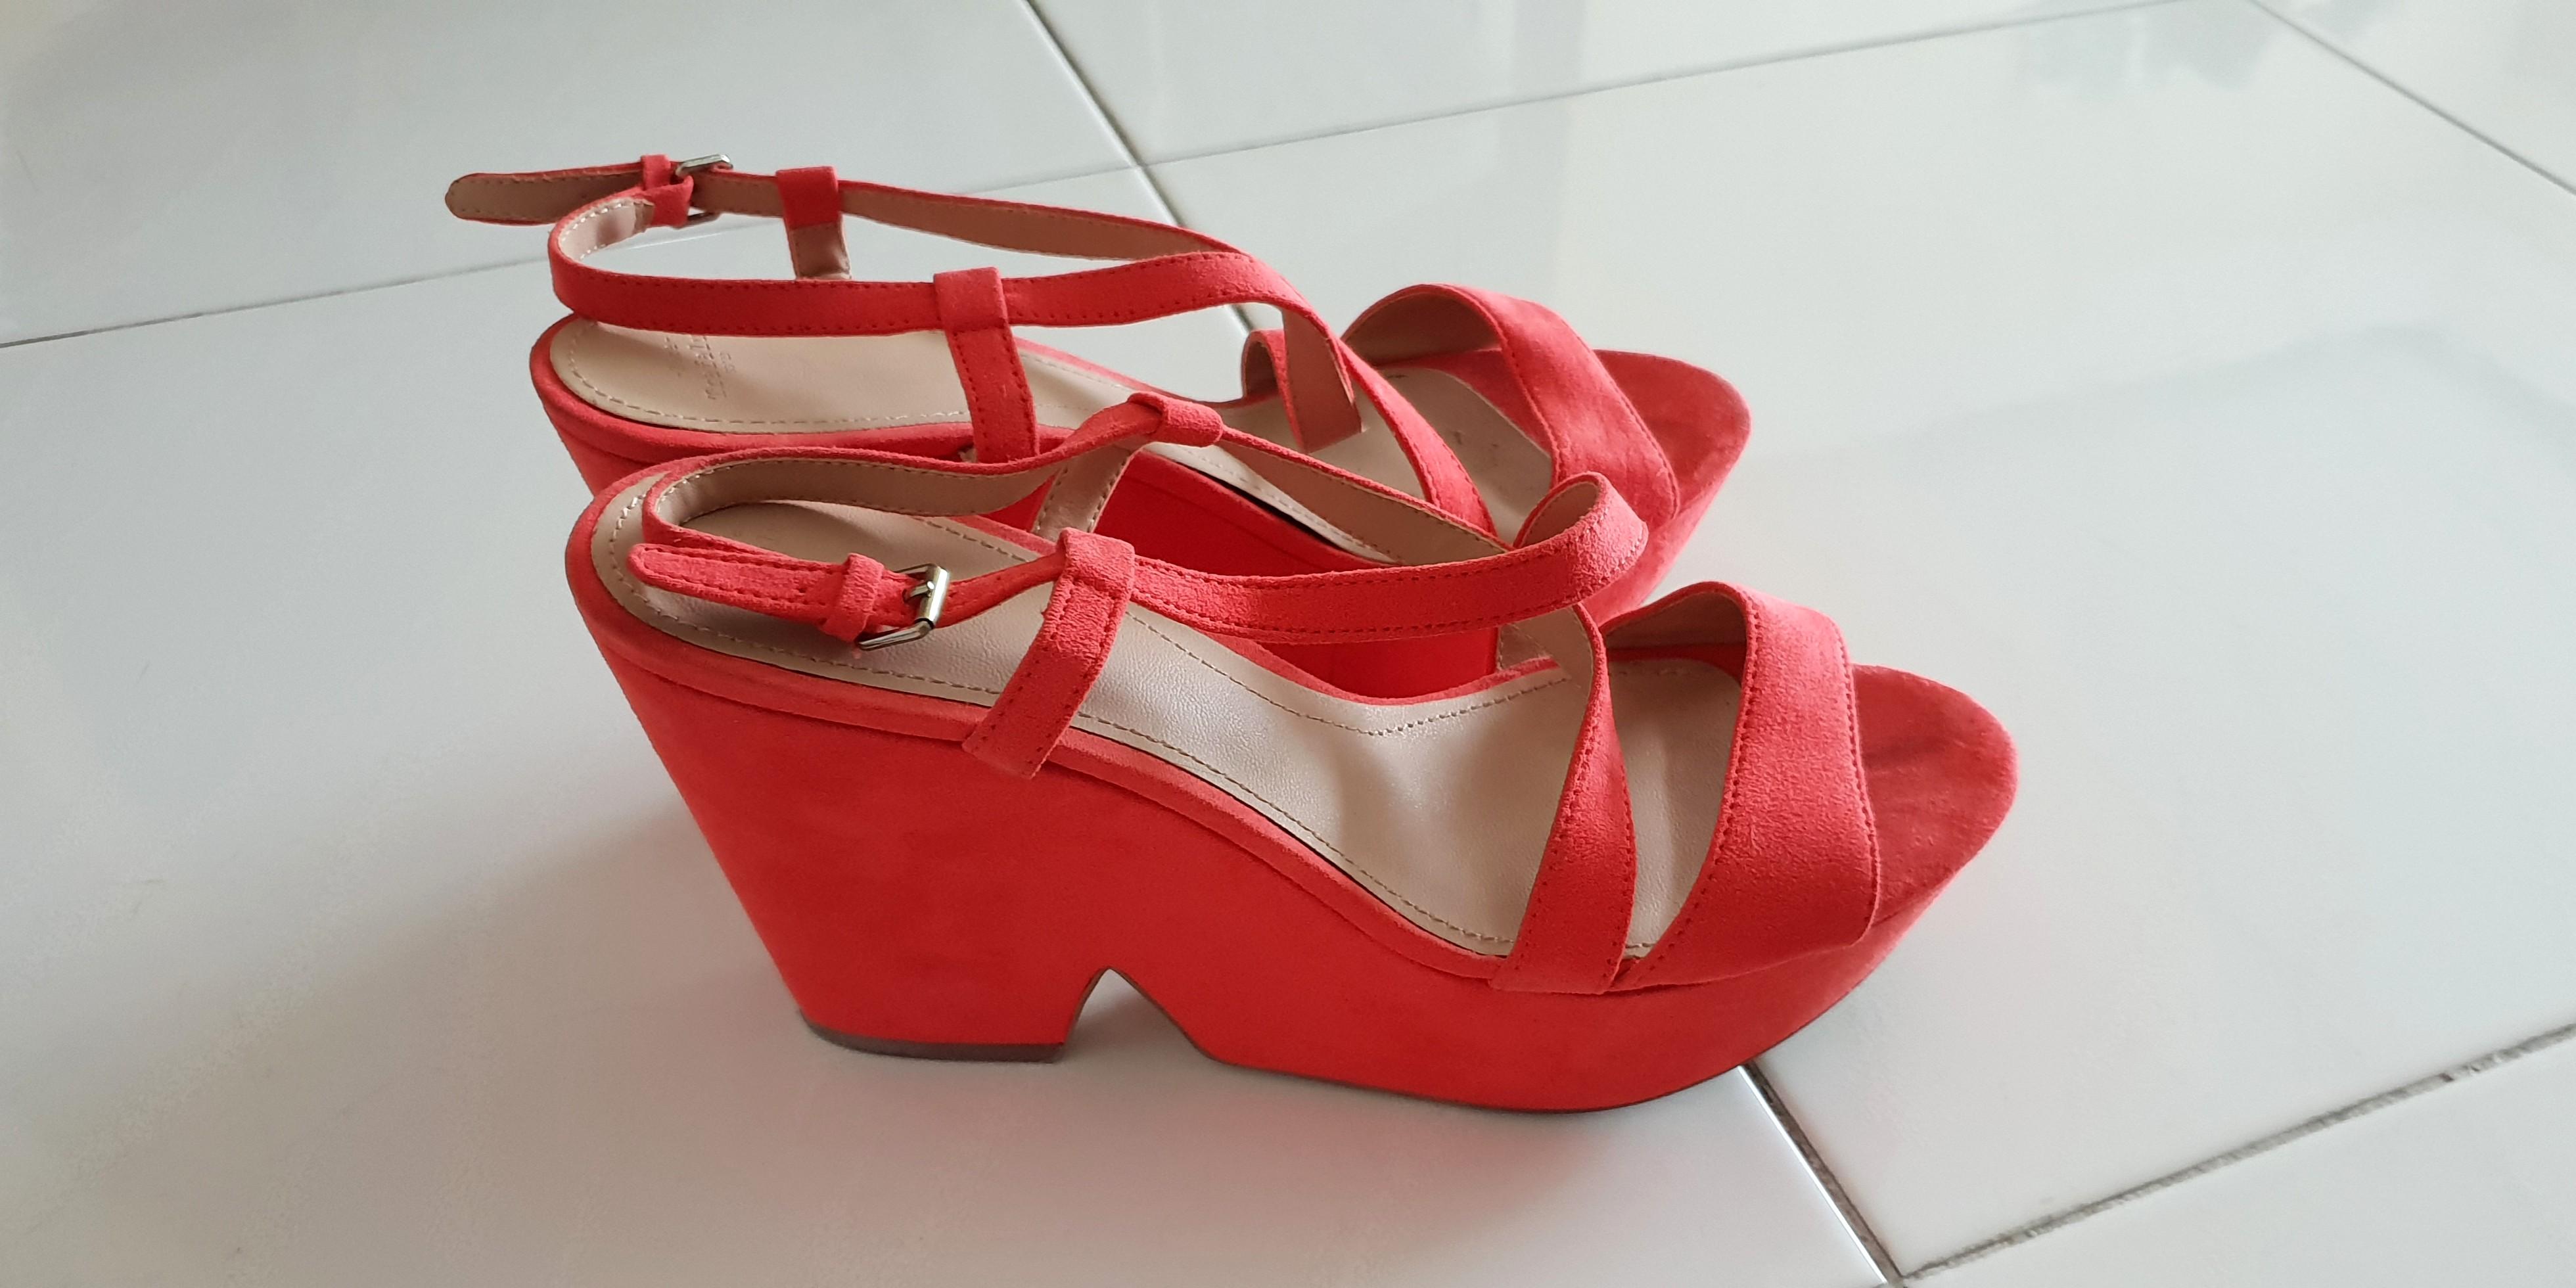 313d37d29fb Home · Women s Fashion · Shoes · Heels. photo photo ...